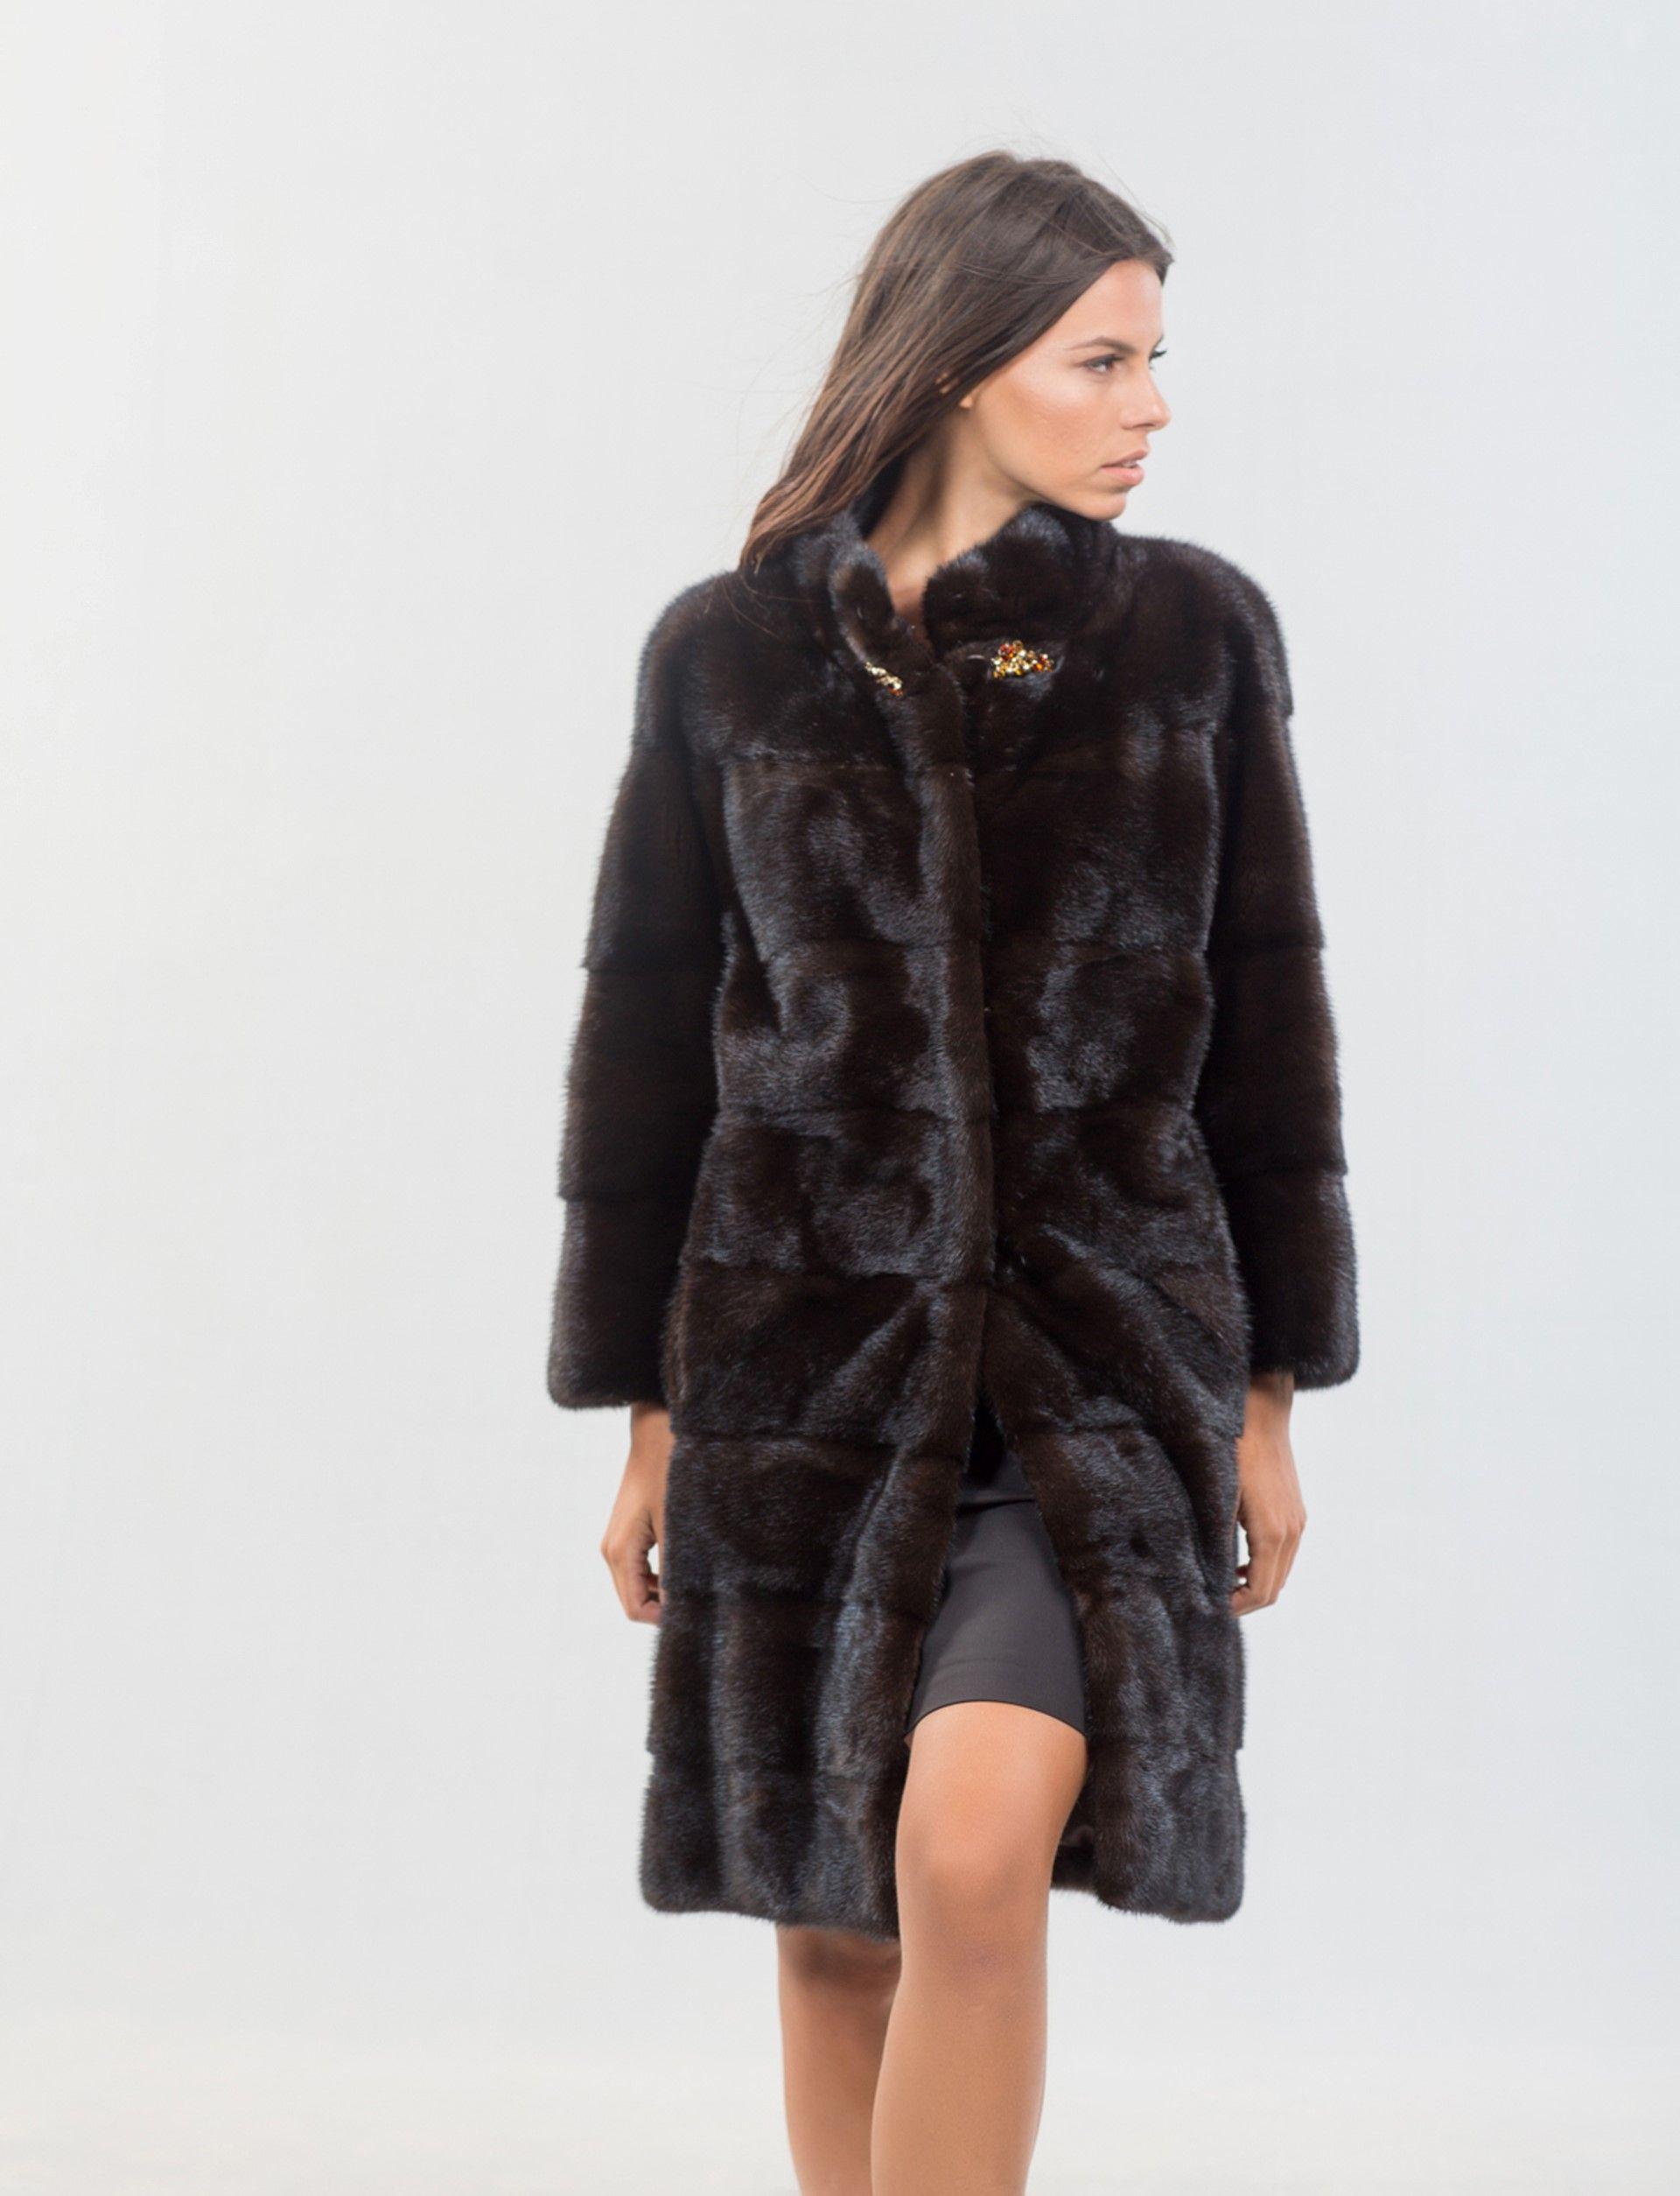 Mink Male Mahogany Fur Coat. 100% Real Fur Coats and Accessories ...